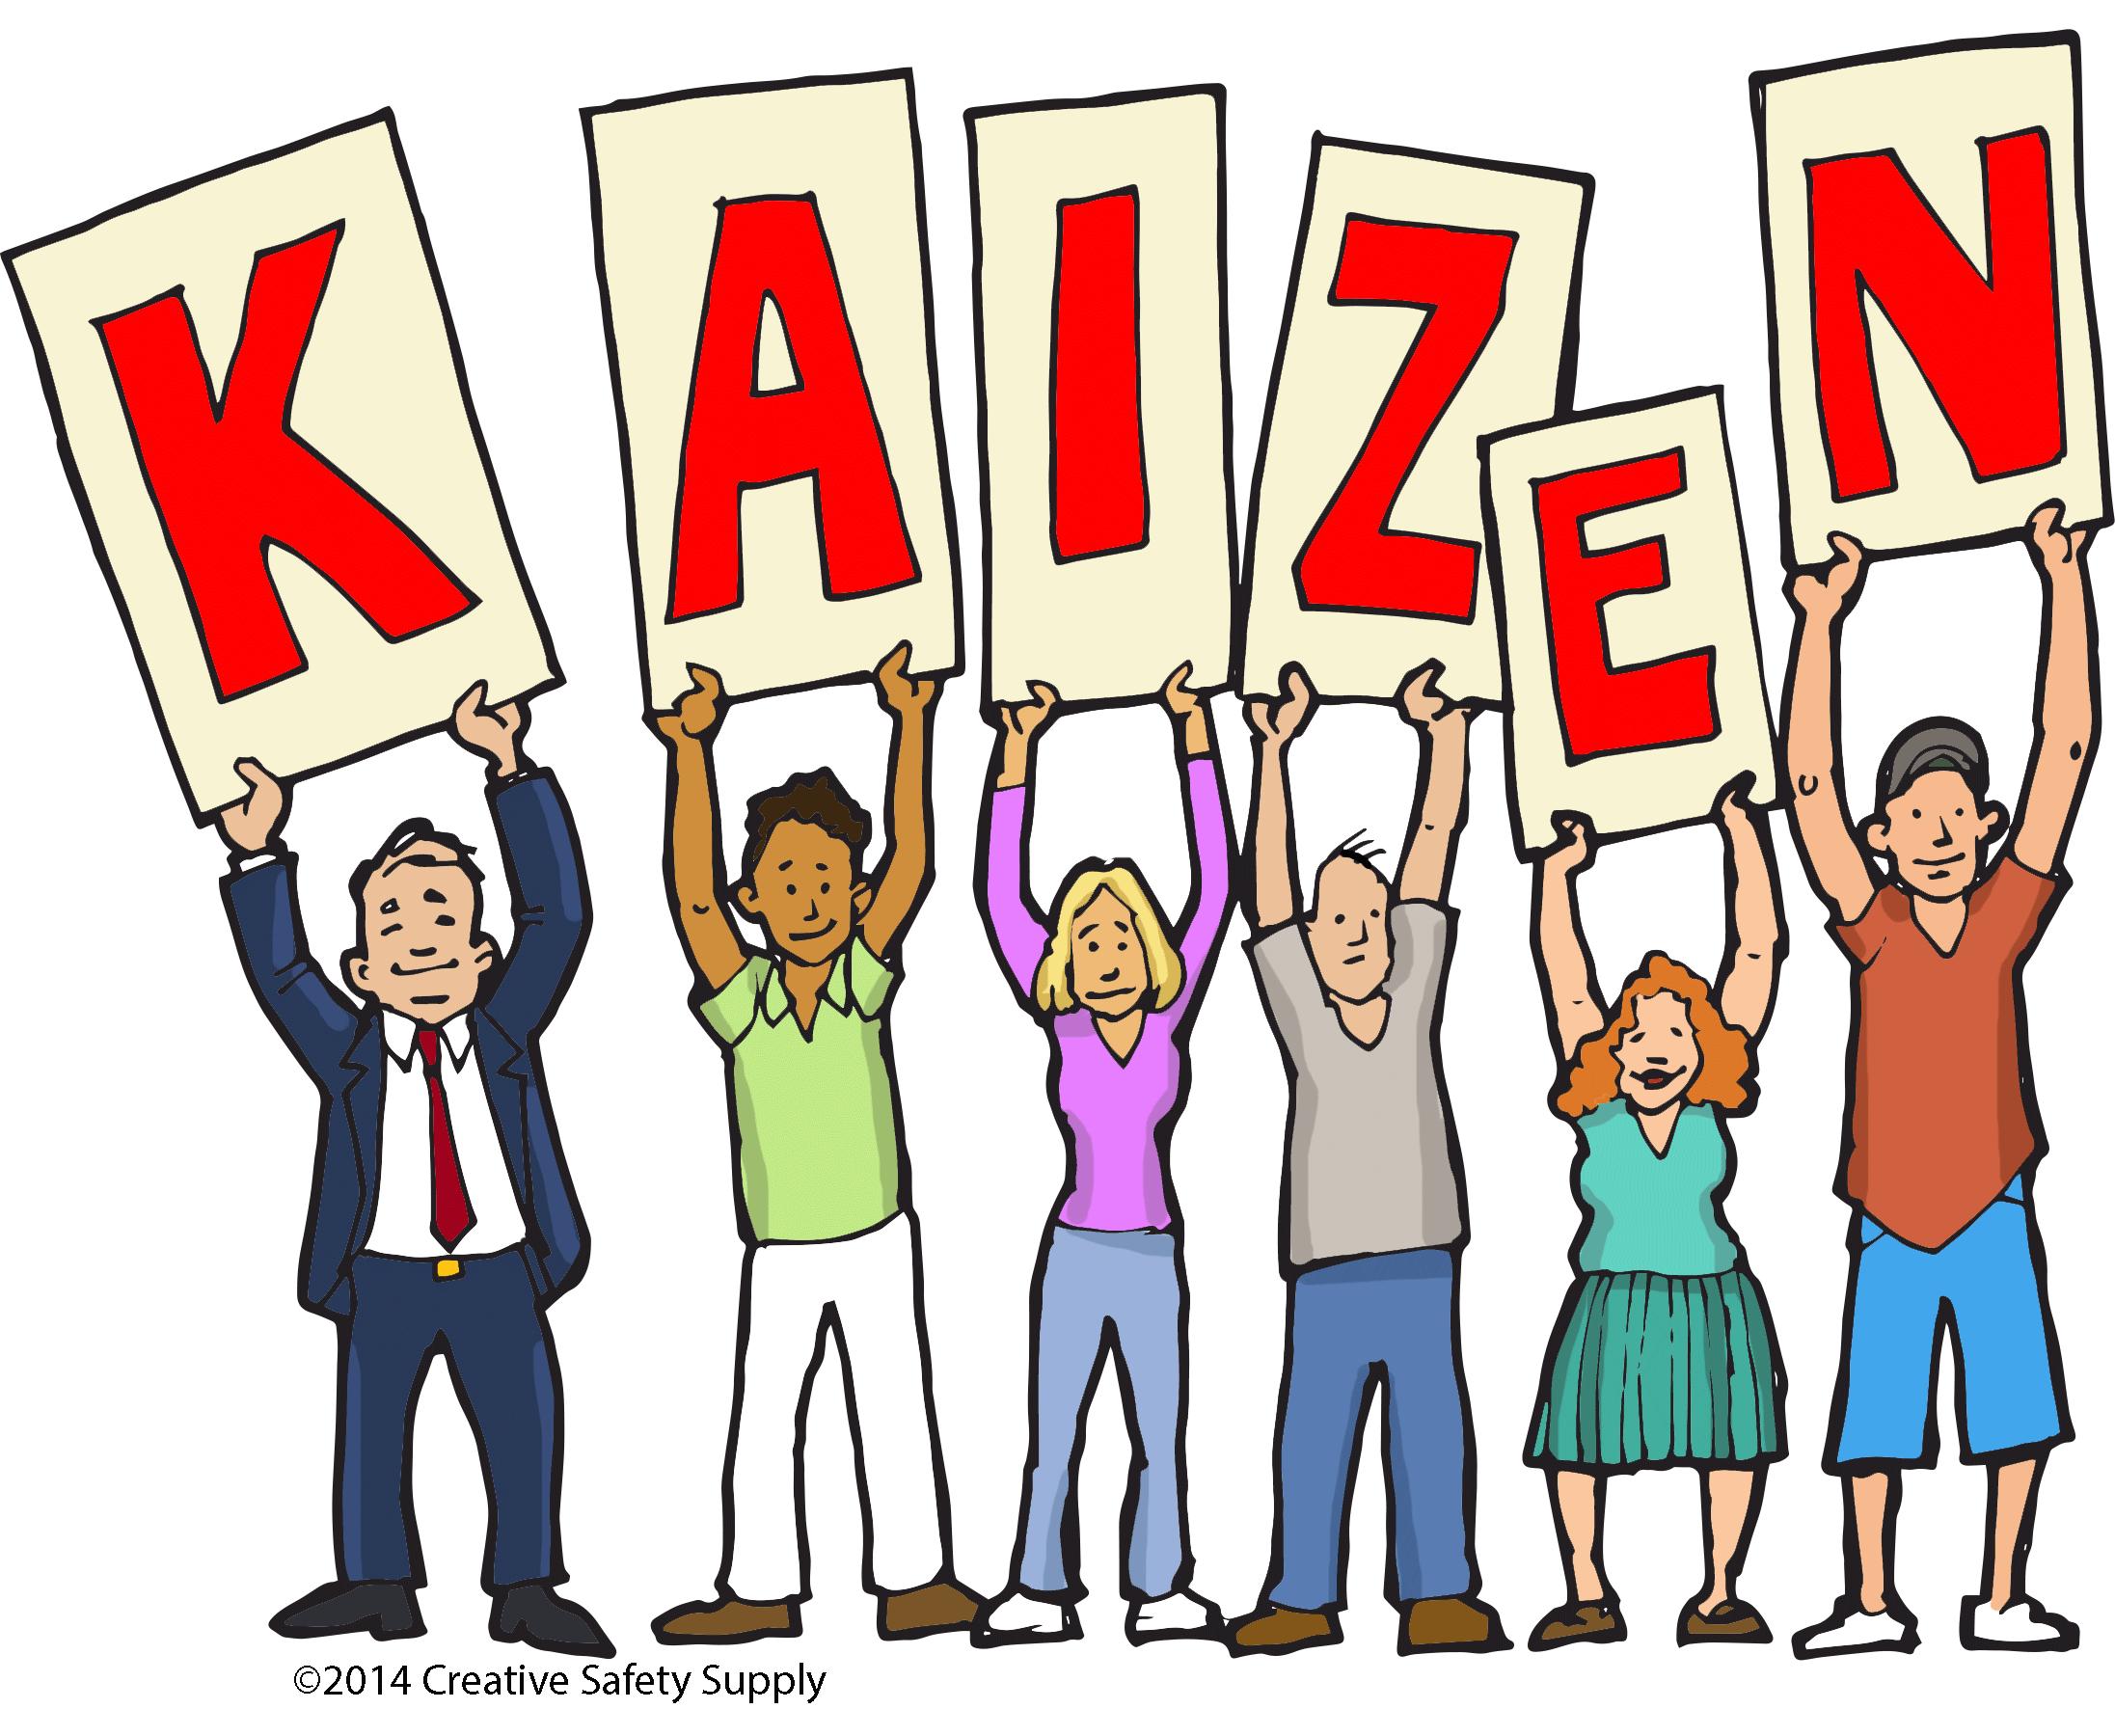 Năng suất chất lượng: Thực hành Kaizen trong doanh nghiệp